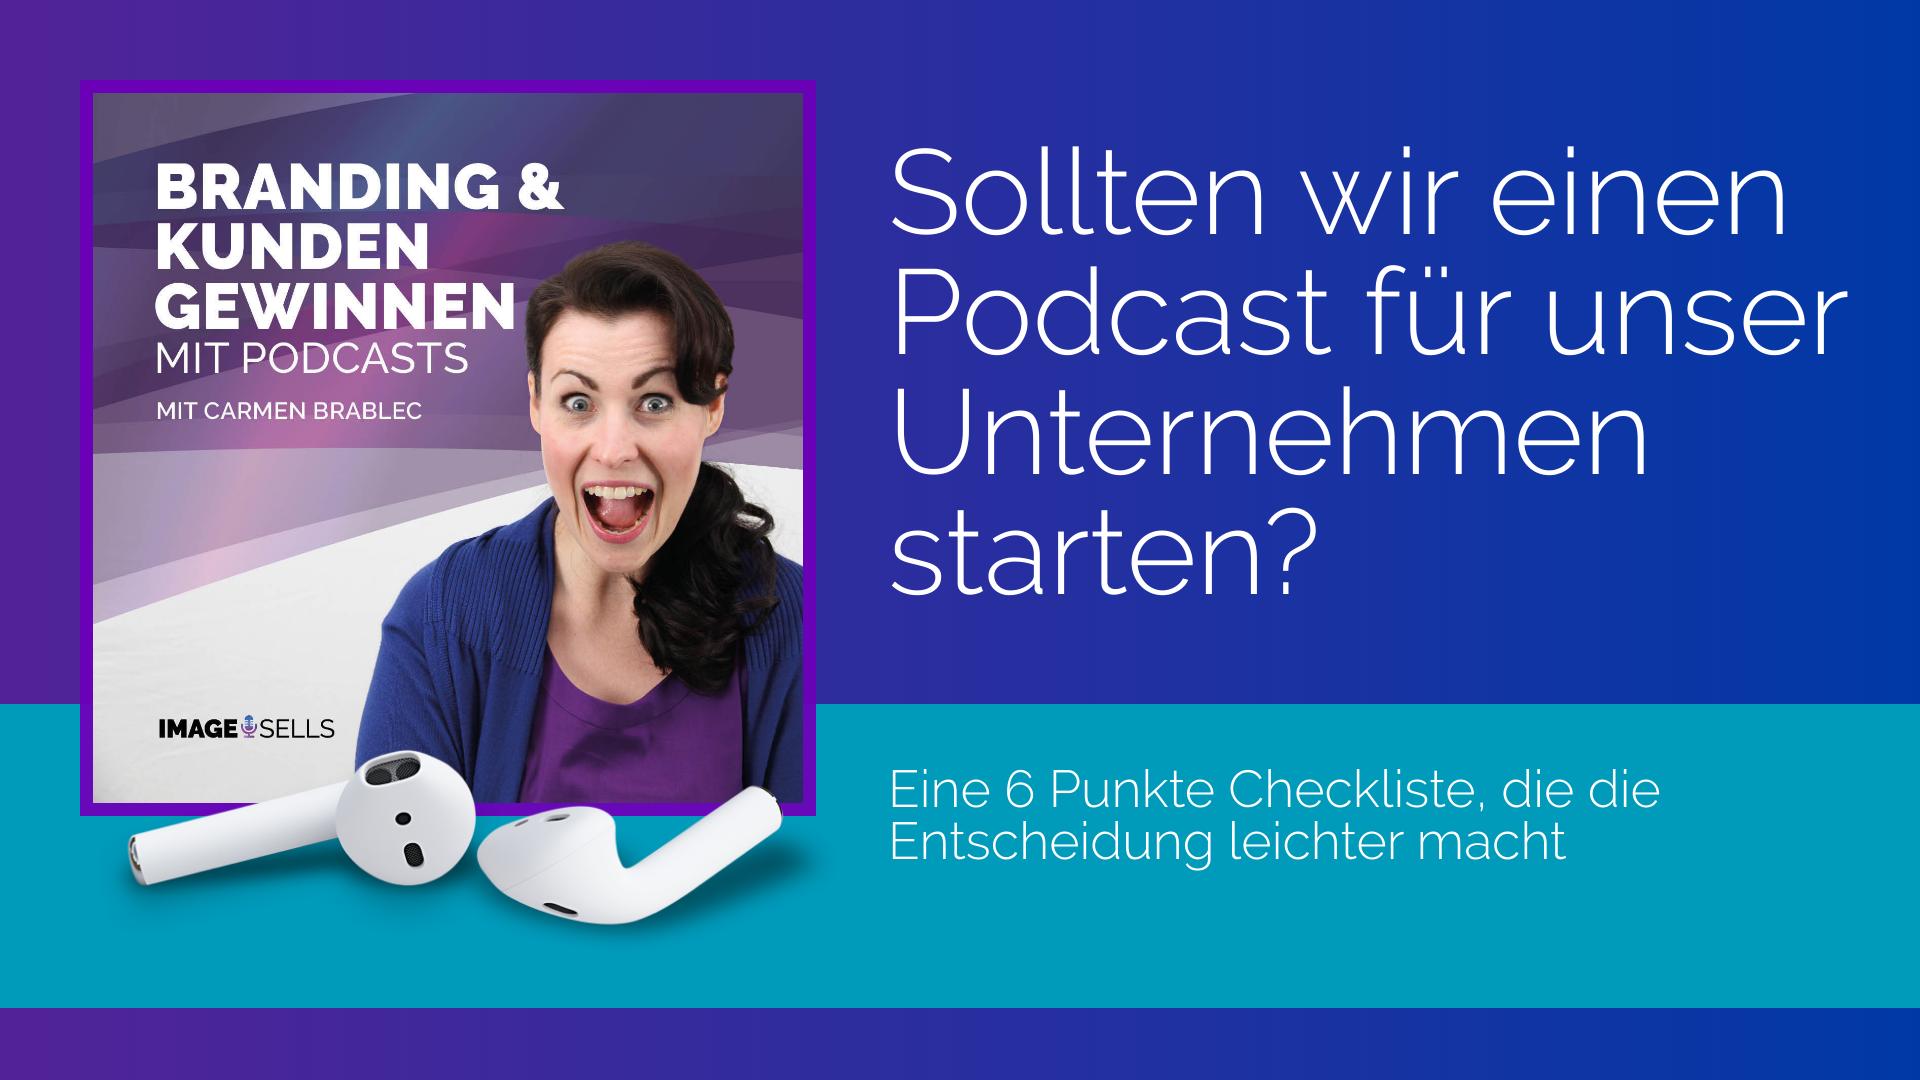 Sollten wir einen Podcast für unser Unternehmen starten? Eine 6 Punkte Checkliste, die die Entscheidung leichter macht